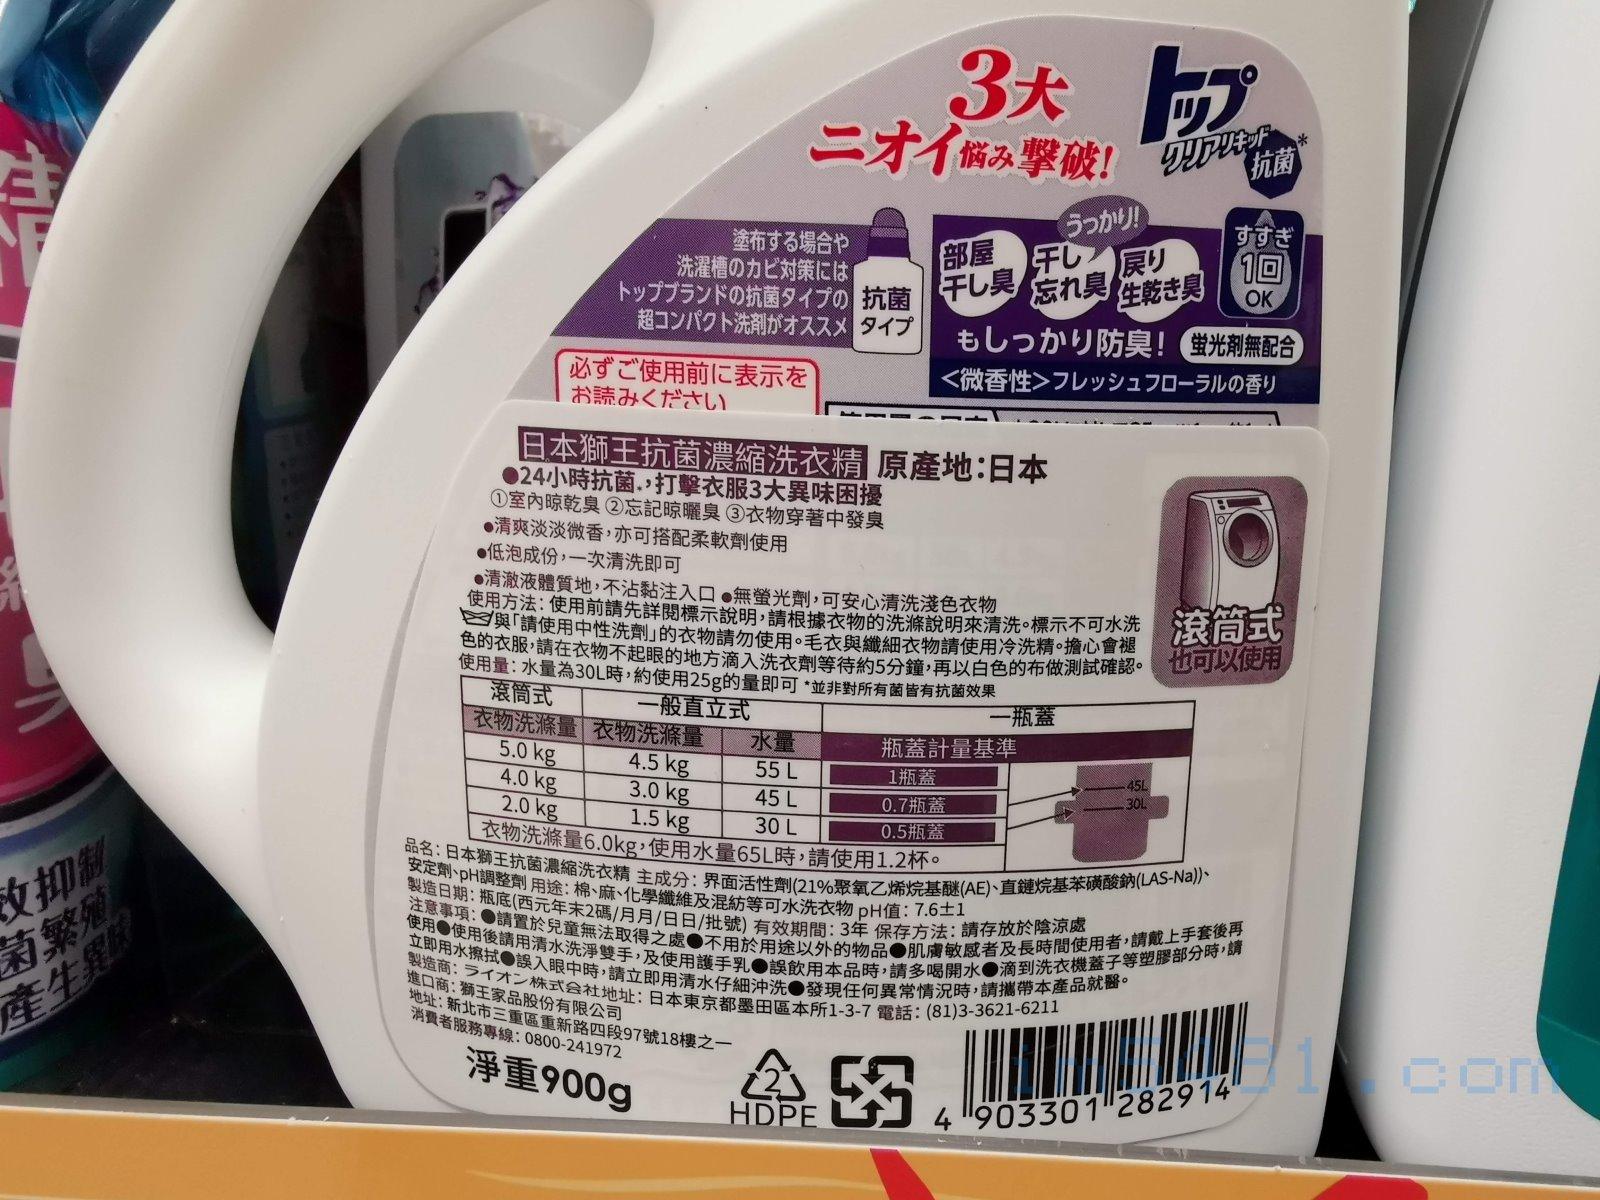 日本獅王抗菌濃縮洗衣精的使用說明